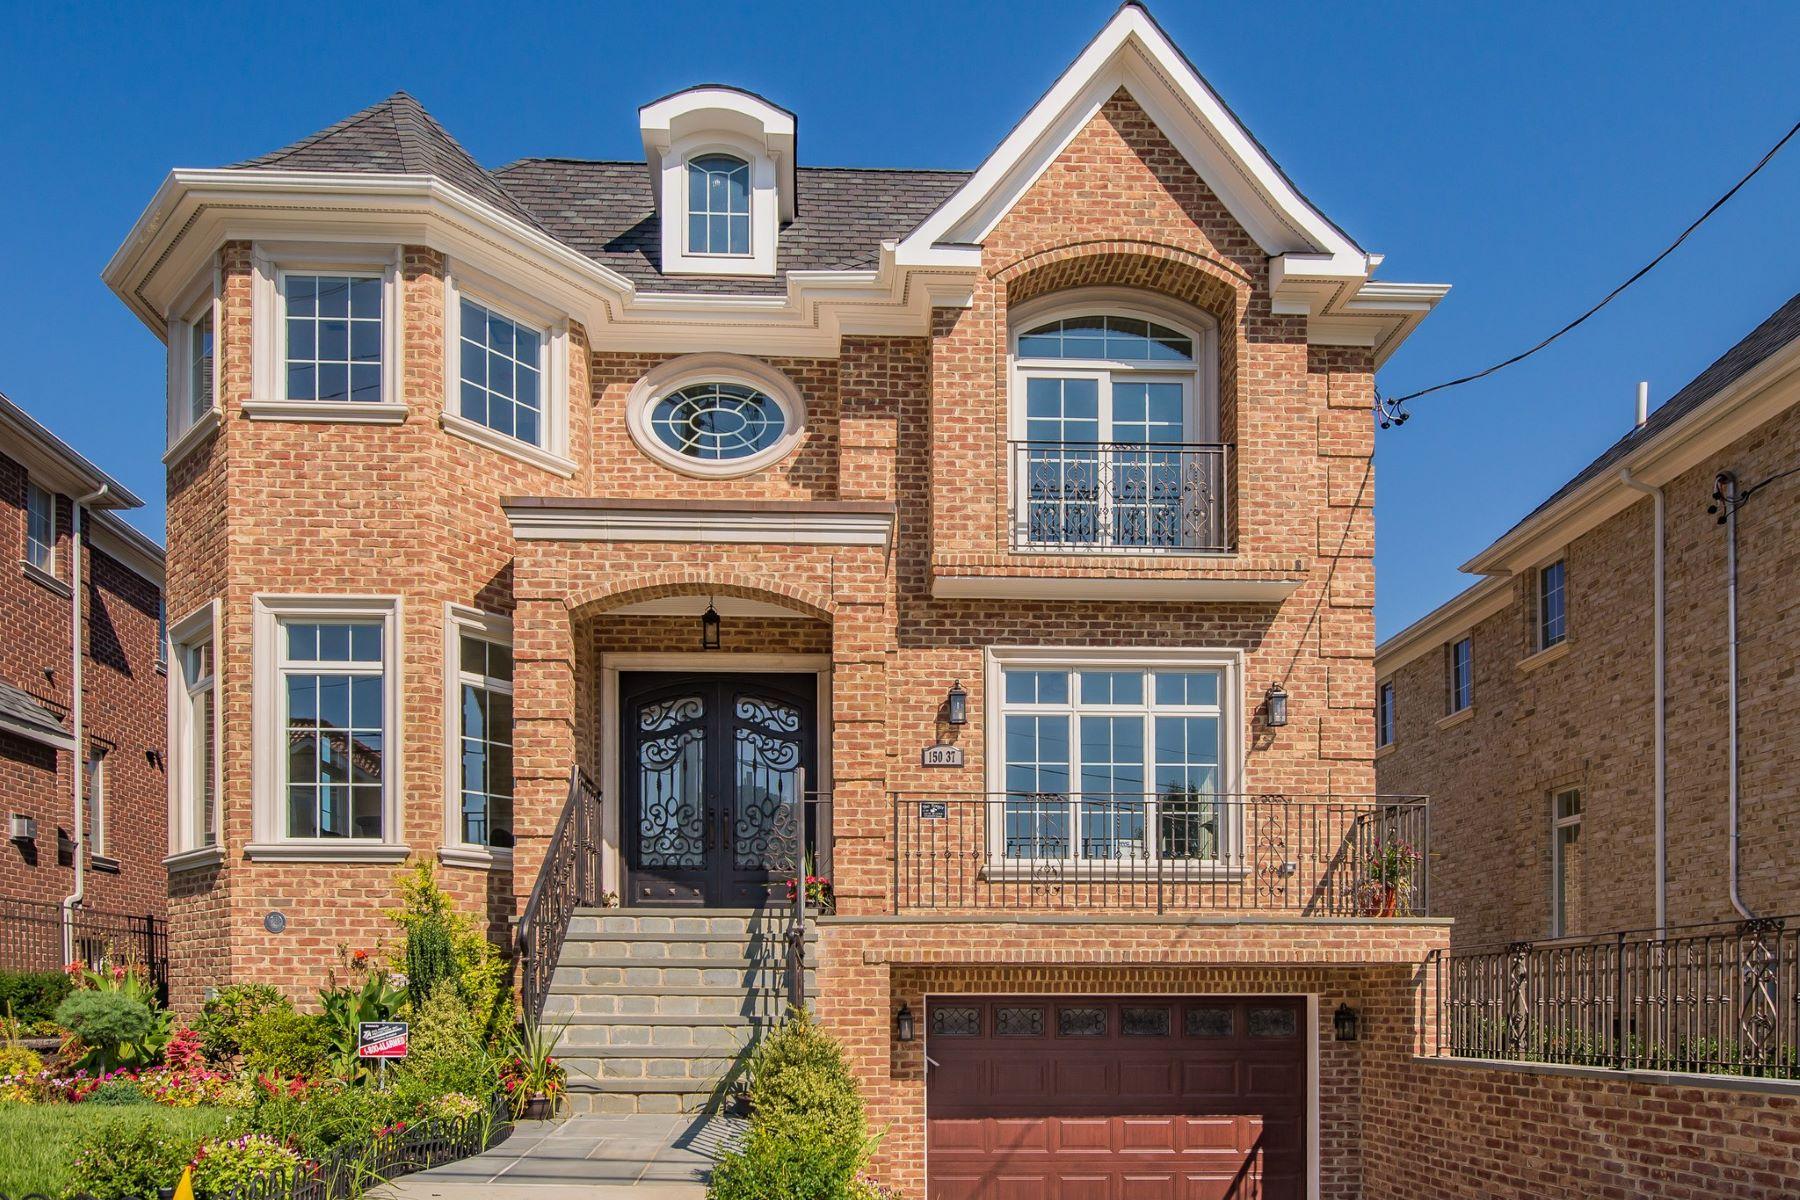 独户住宅 为 销售 在 3-59 150 St , Whitestone, NY 11357 3-59 150 St, 白粒岩, 纽约州, 11357 美国